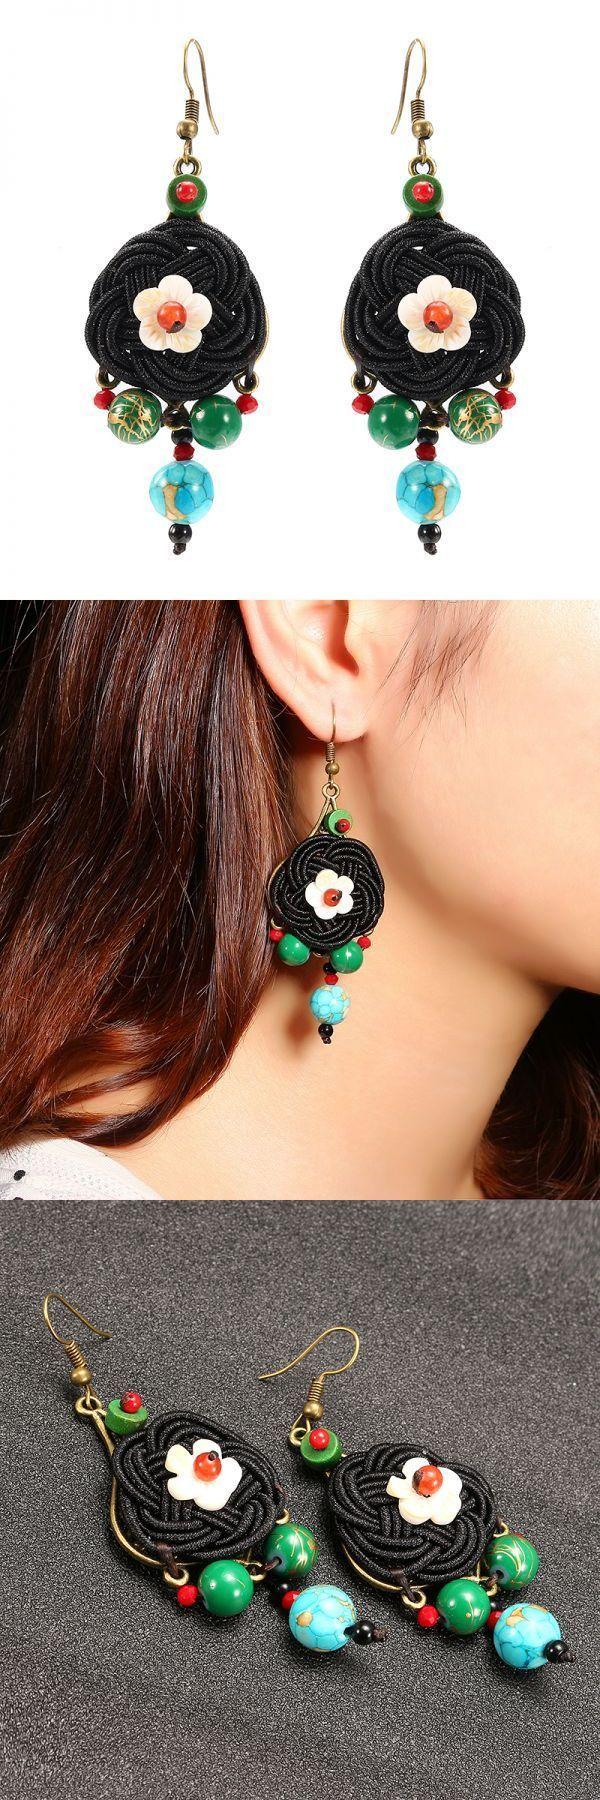 Ethnic vintage earrings retro agate ear drop tassel flower ball earrings for women earrings hoops small #00 #earrings #6mm #earrings #actual #size #d.i.y #earrings #earrings #60s